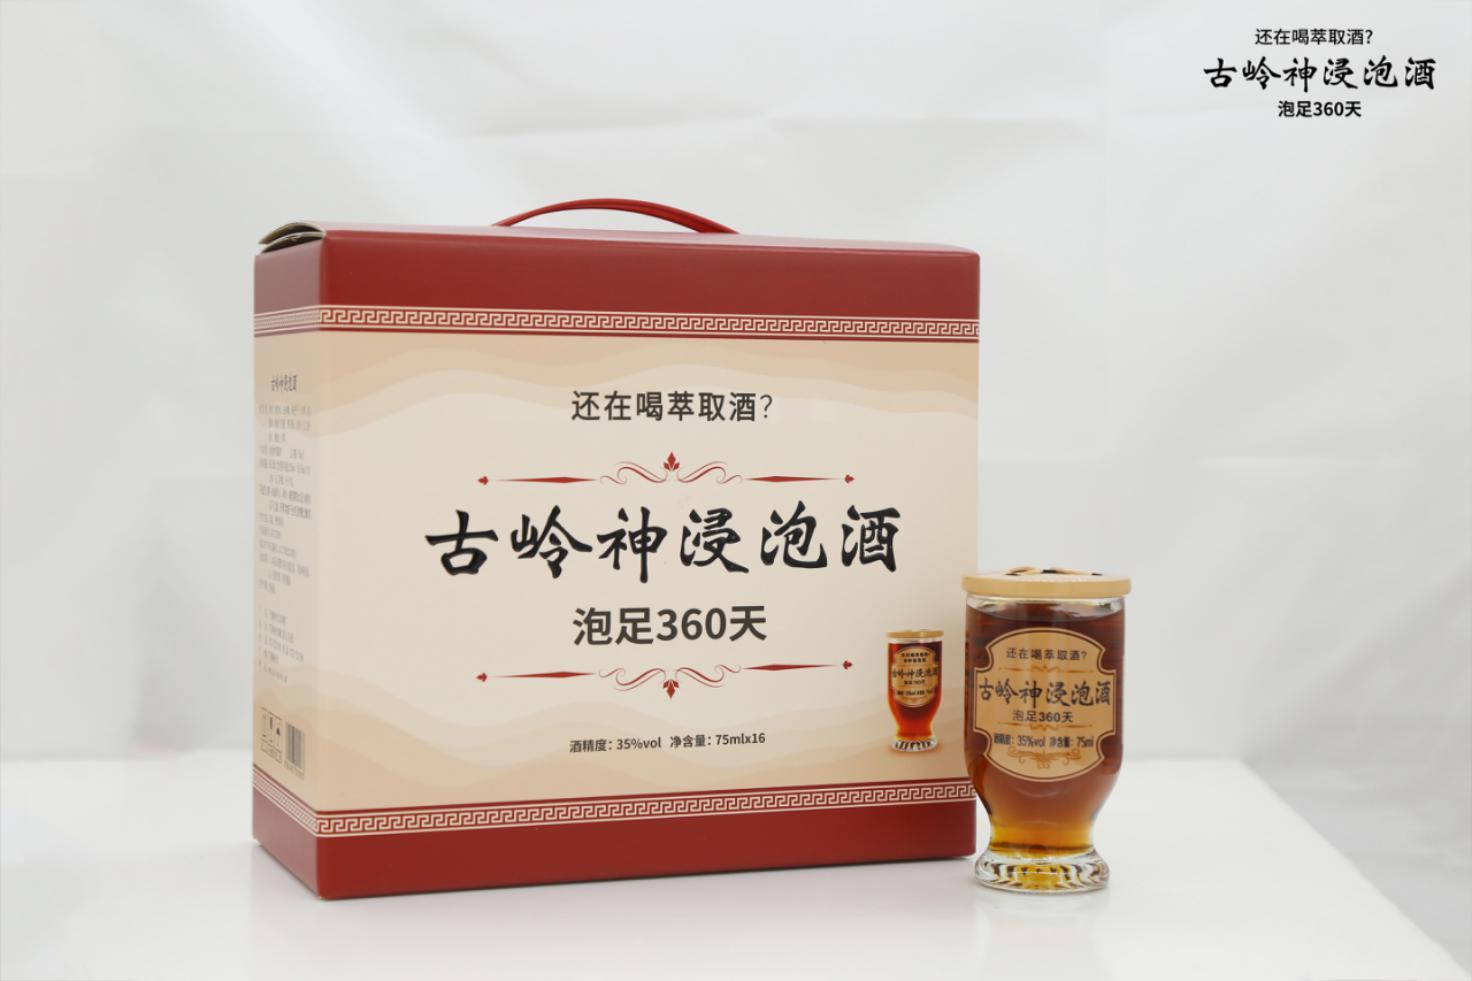 http://www.weixinrensheng.com/yangshengtang/347723.html